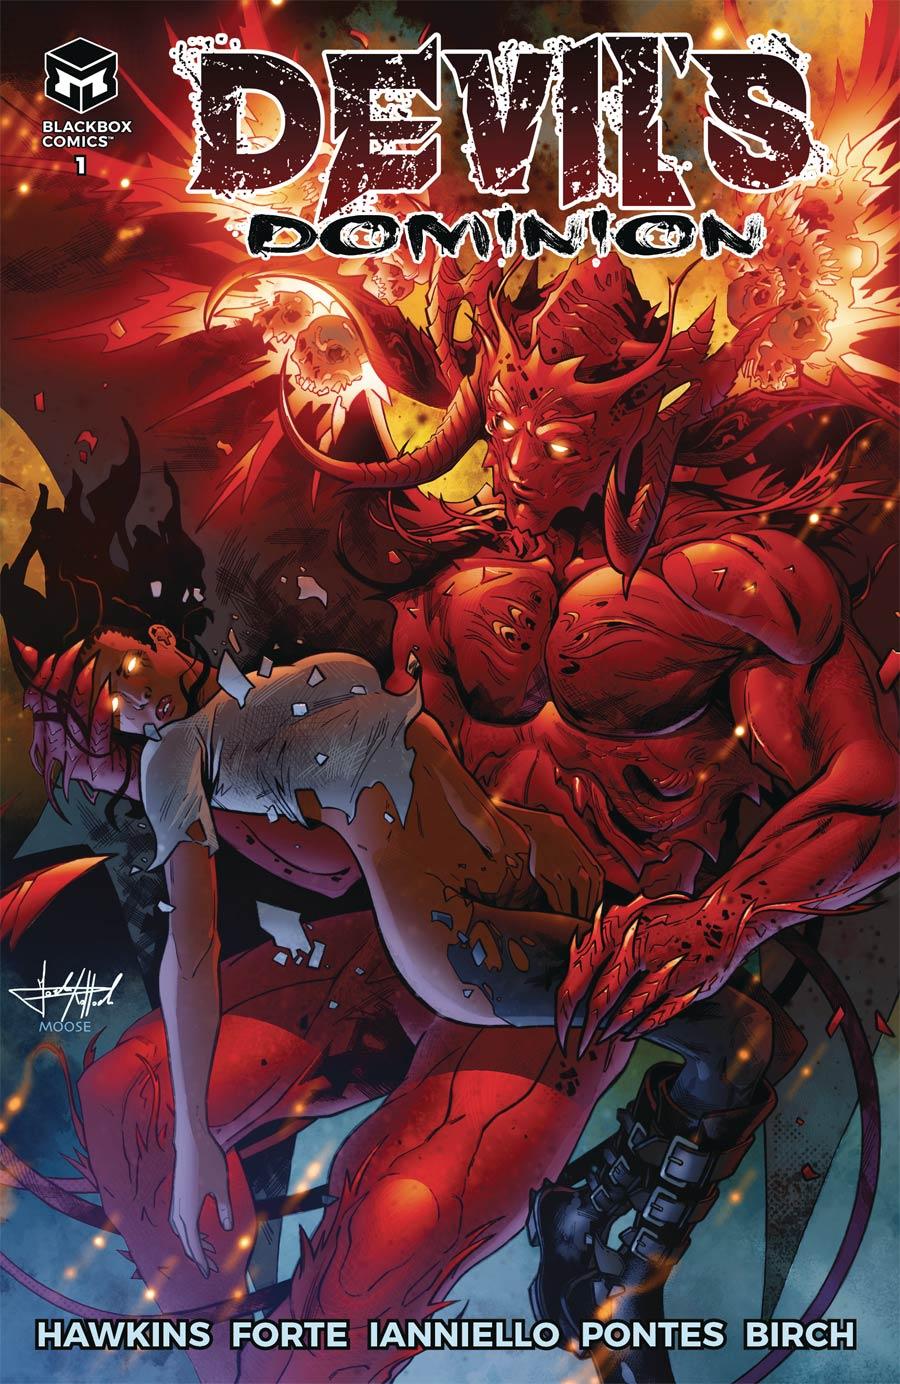 Devils Dominion #1 Cover A Regular Raffaele Forte Cover